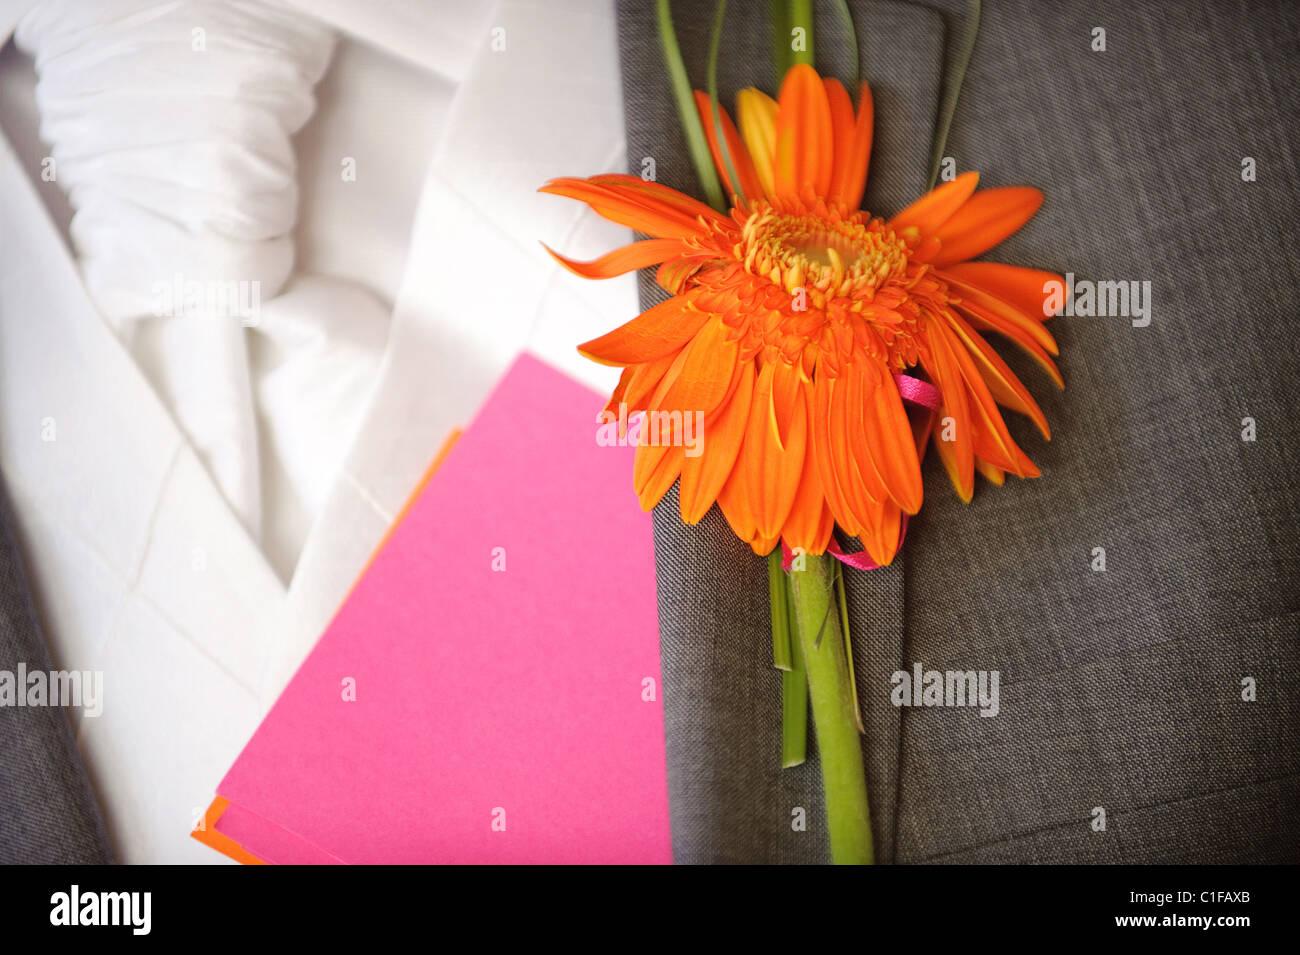 Naranja Foto Hombre Boda Ojal Traje Flor Chaqueta Collar Mens De An8vnzwHx